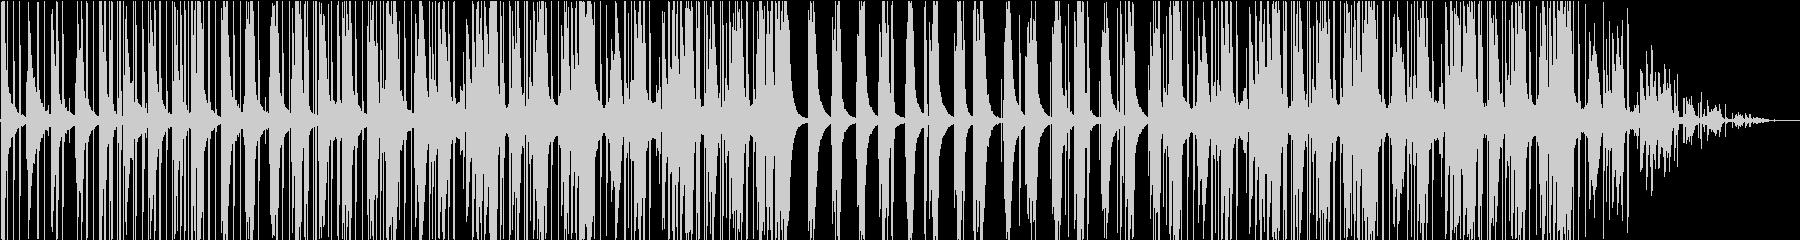 揺らめき/ローファイ_No415の未再生の波形